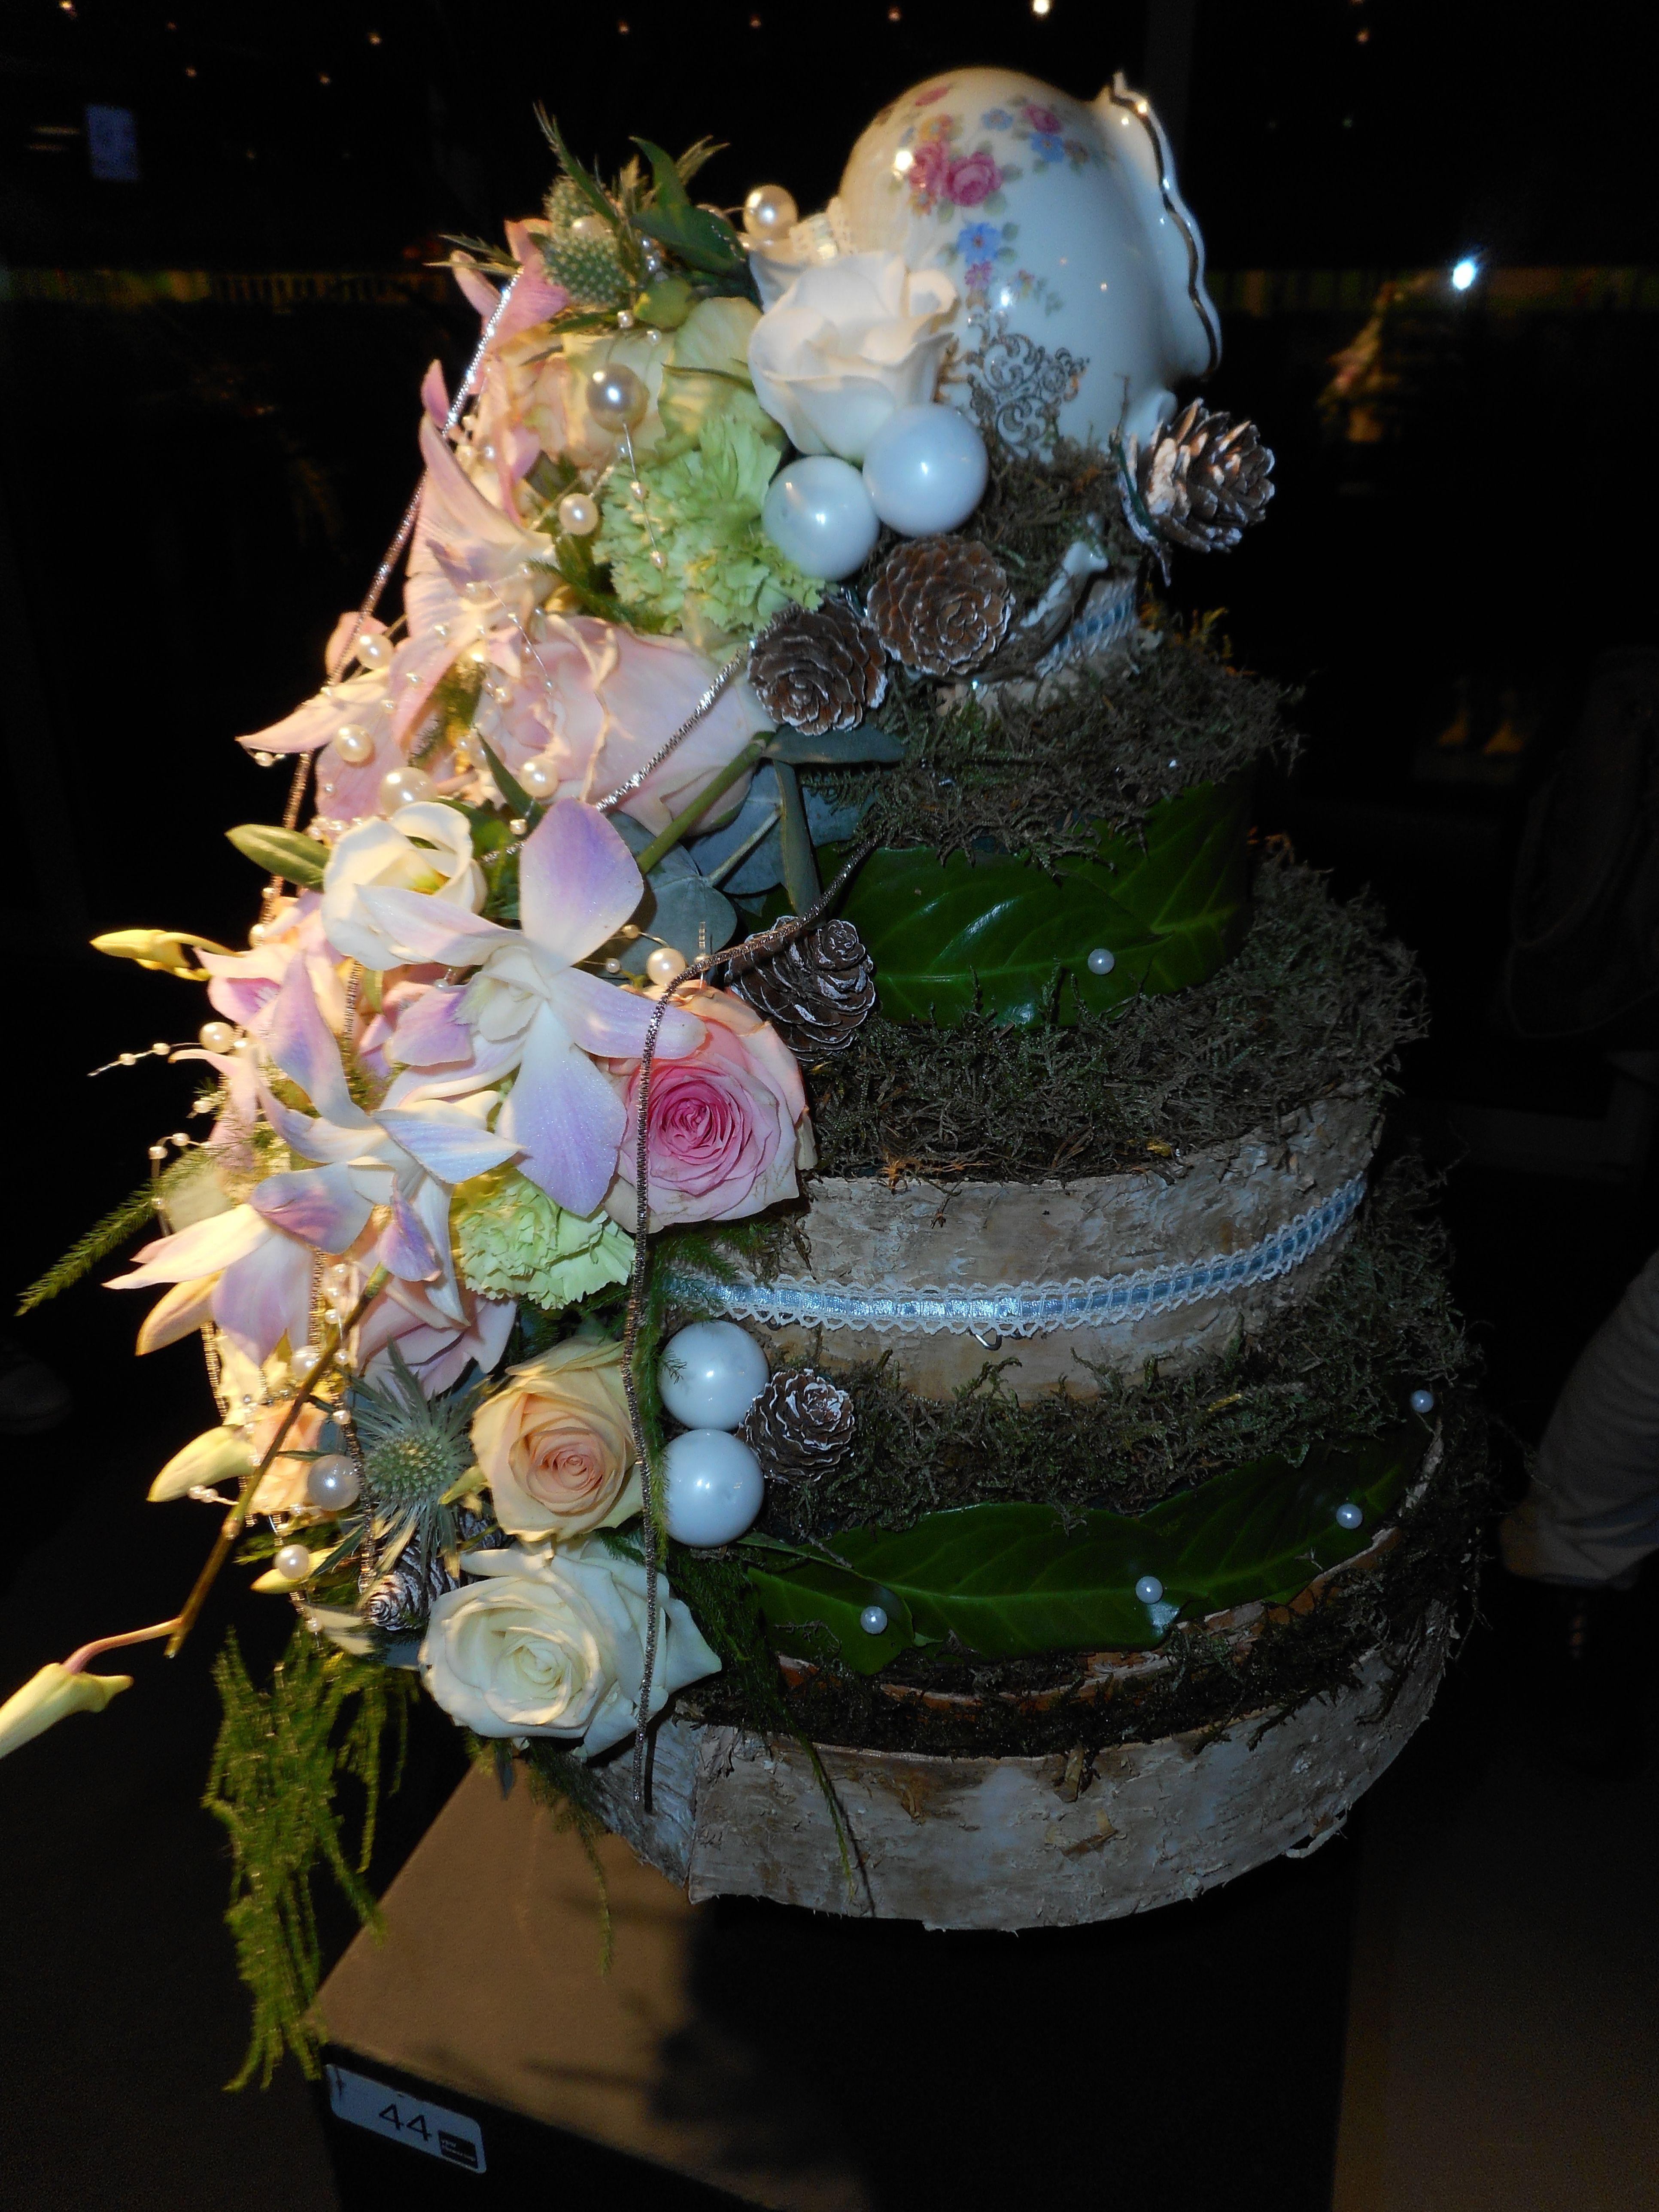 bloemstuk gemaakt voor de vbw flowercup in groningen